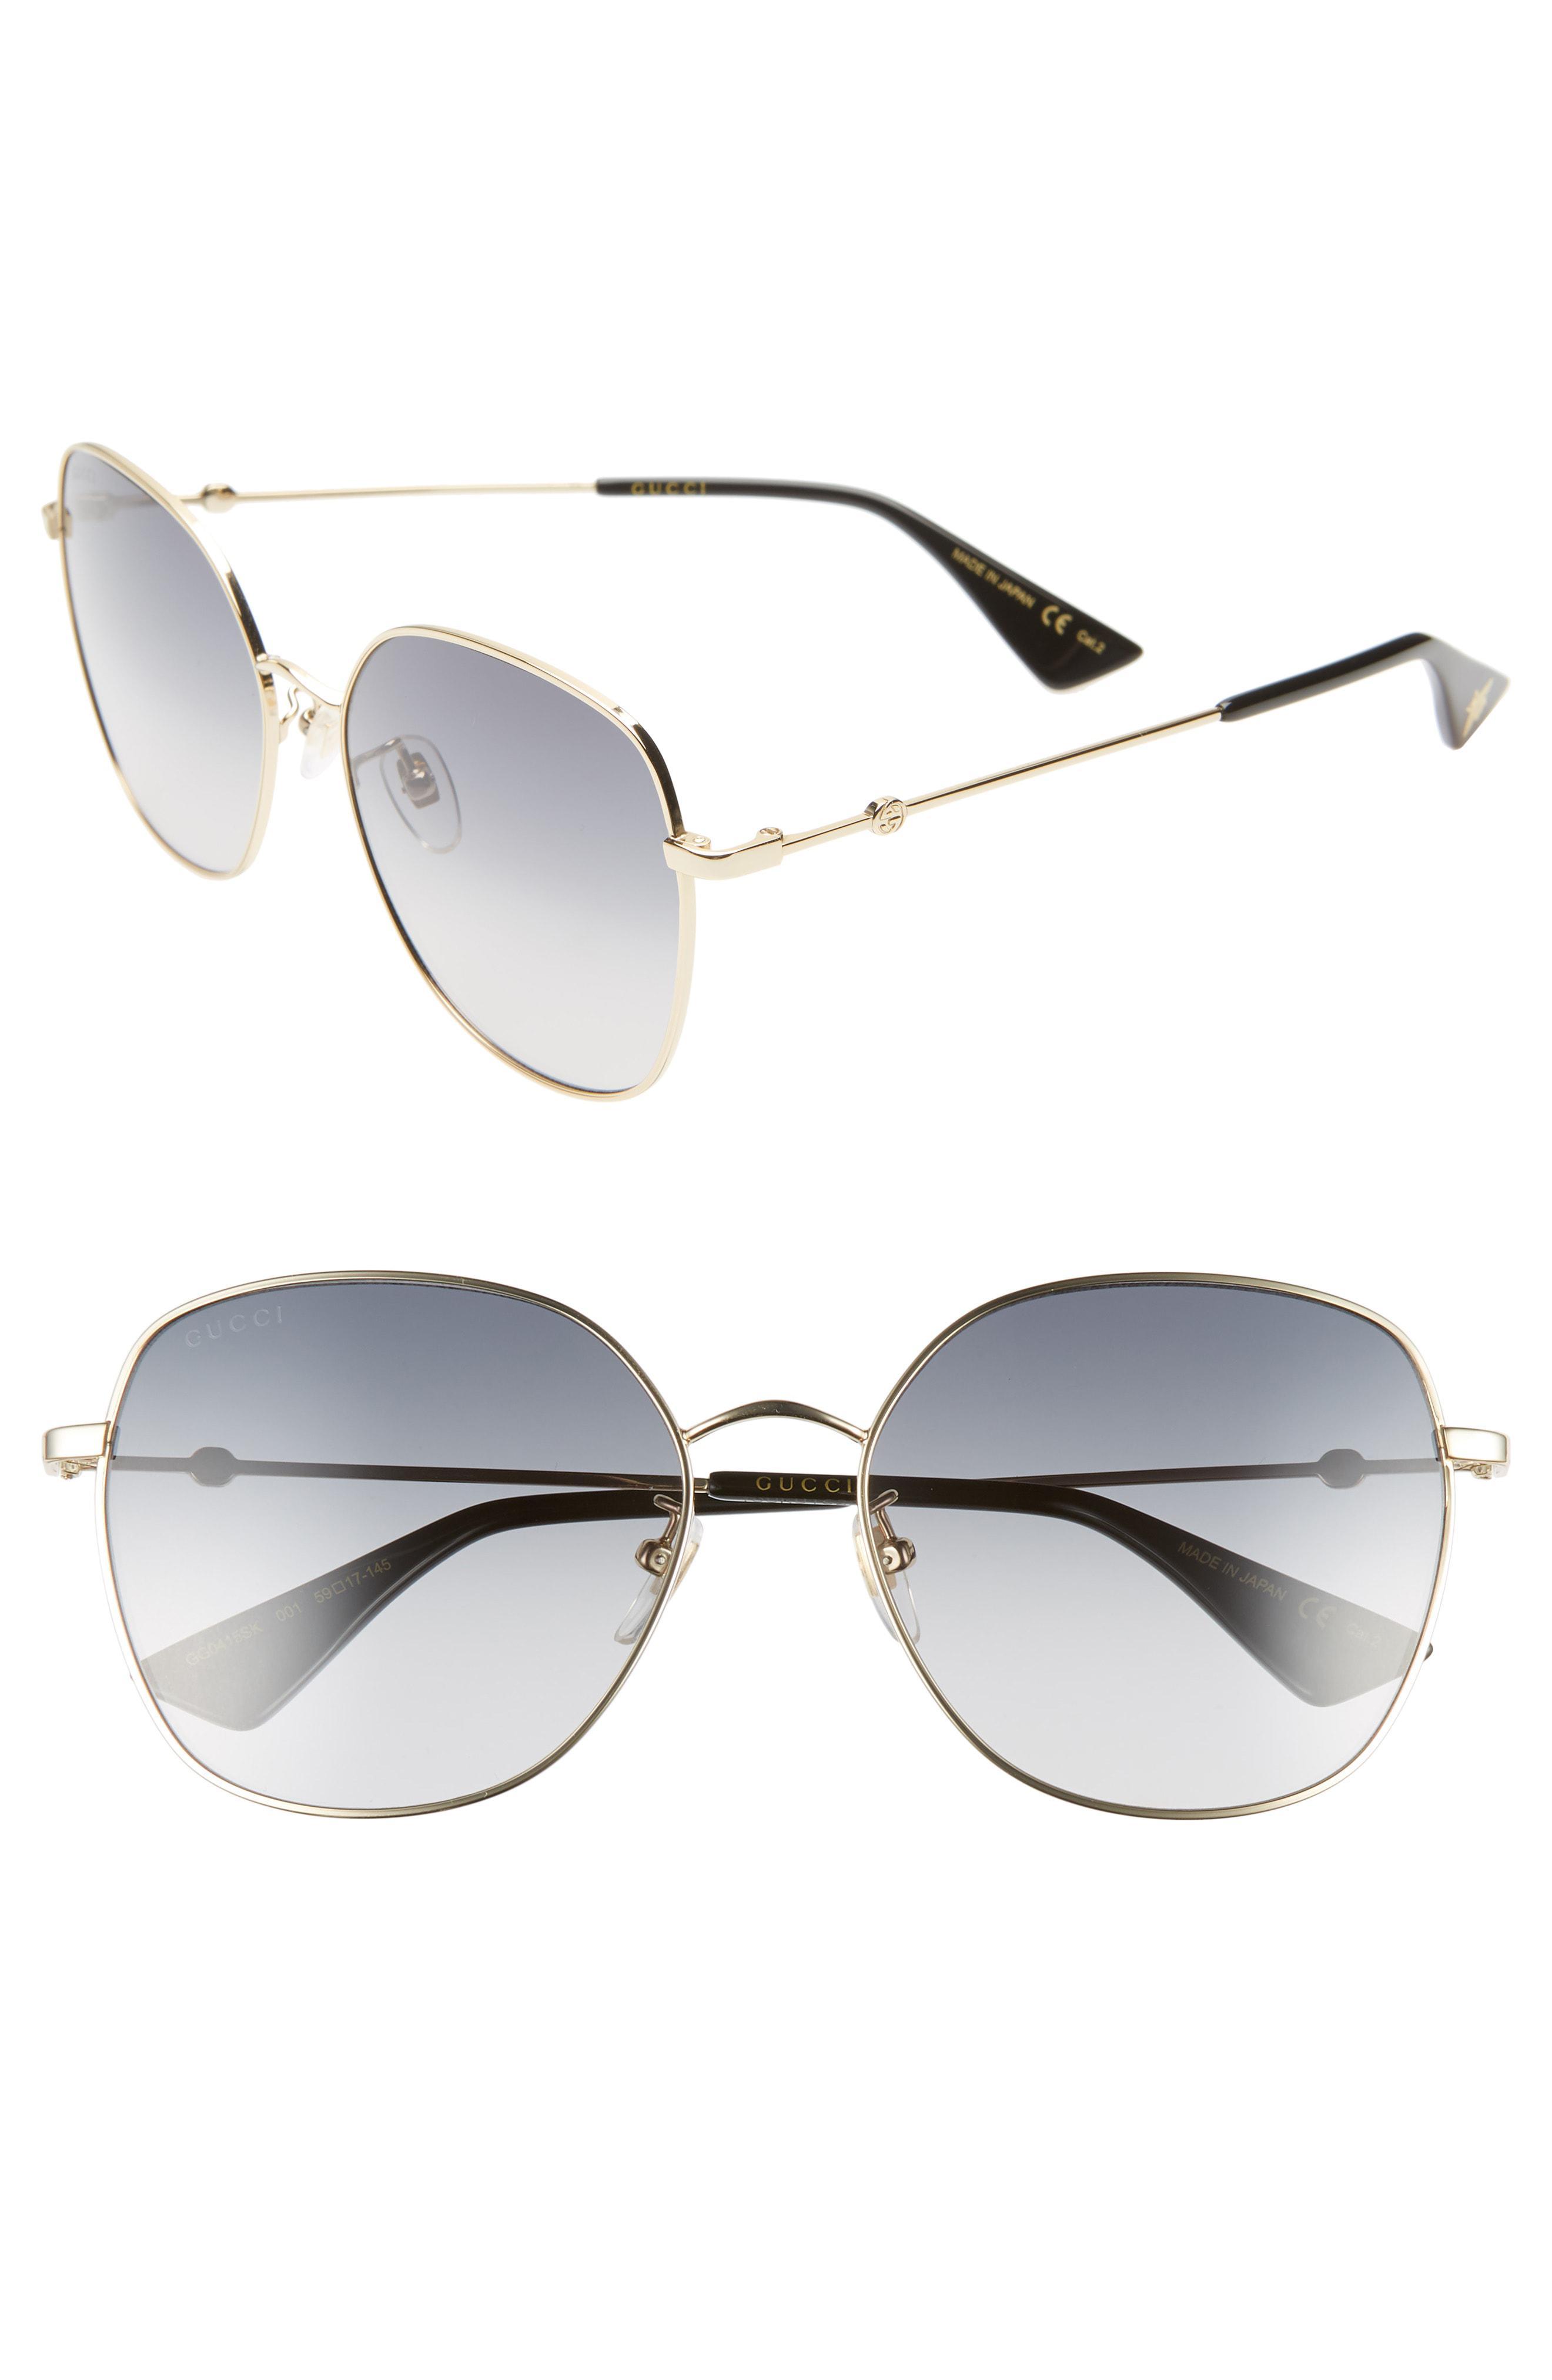 85ec1c146c Lyst - Gucci 59mm Round Sunglasses in Metallic